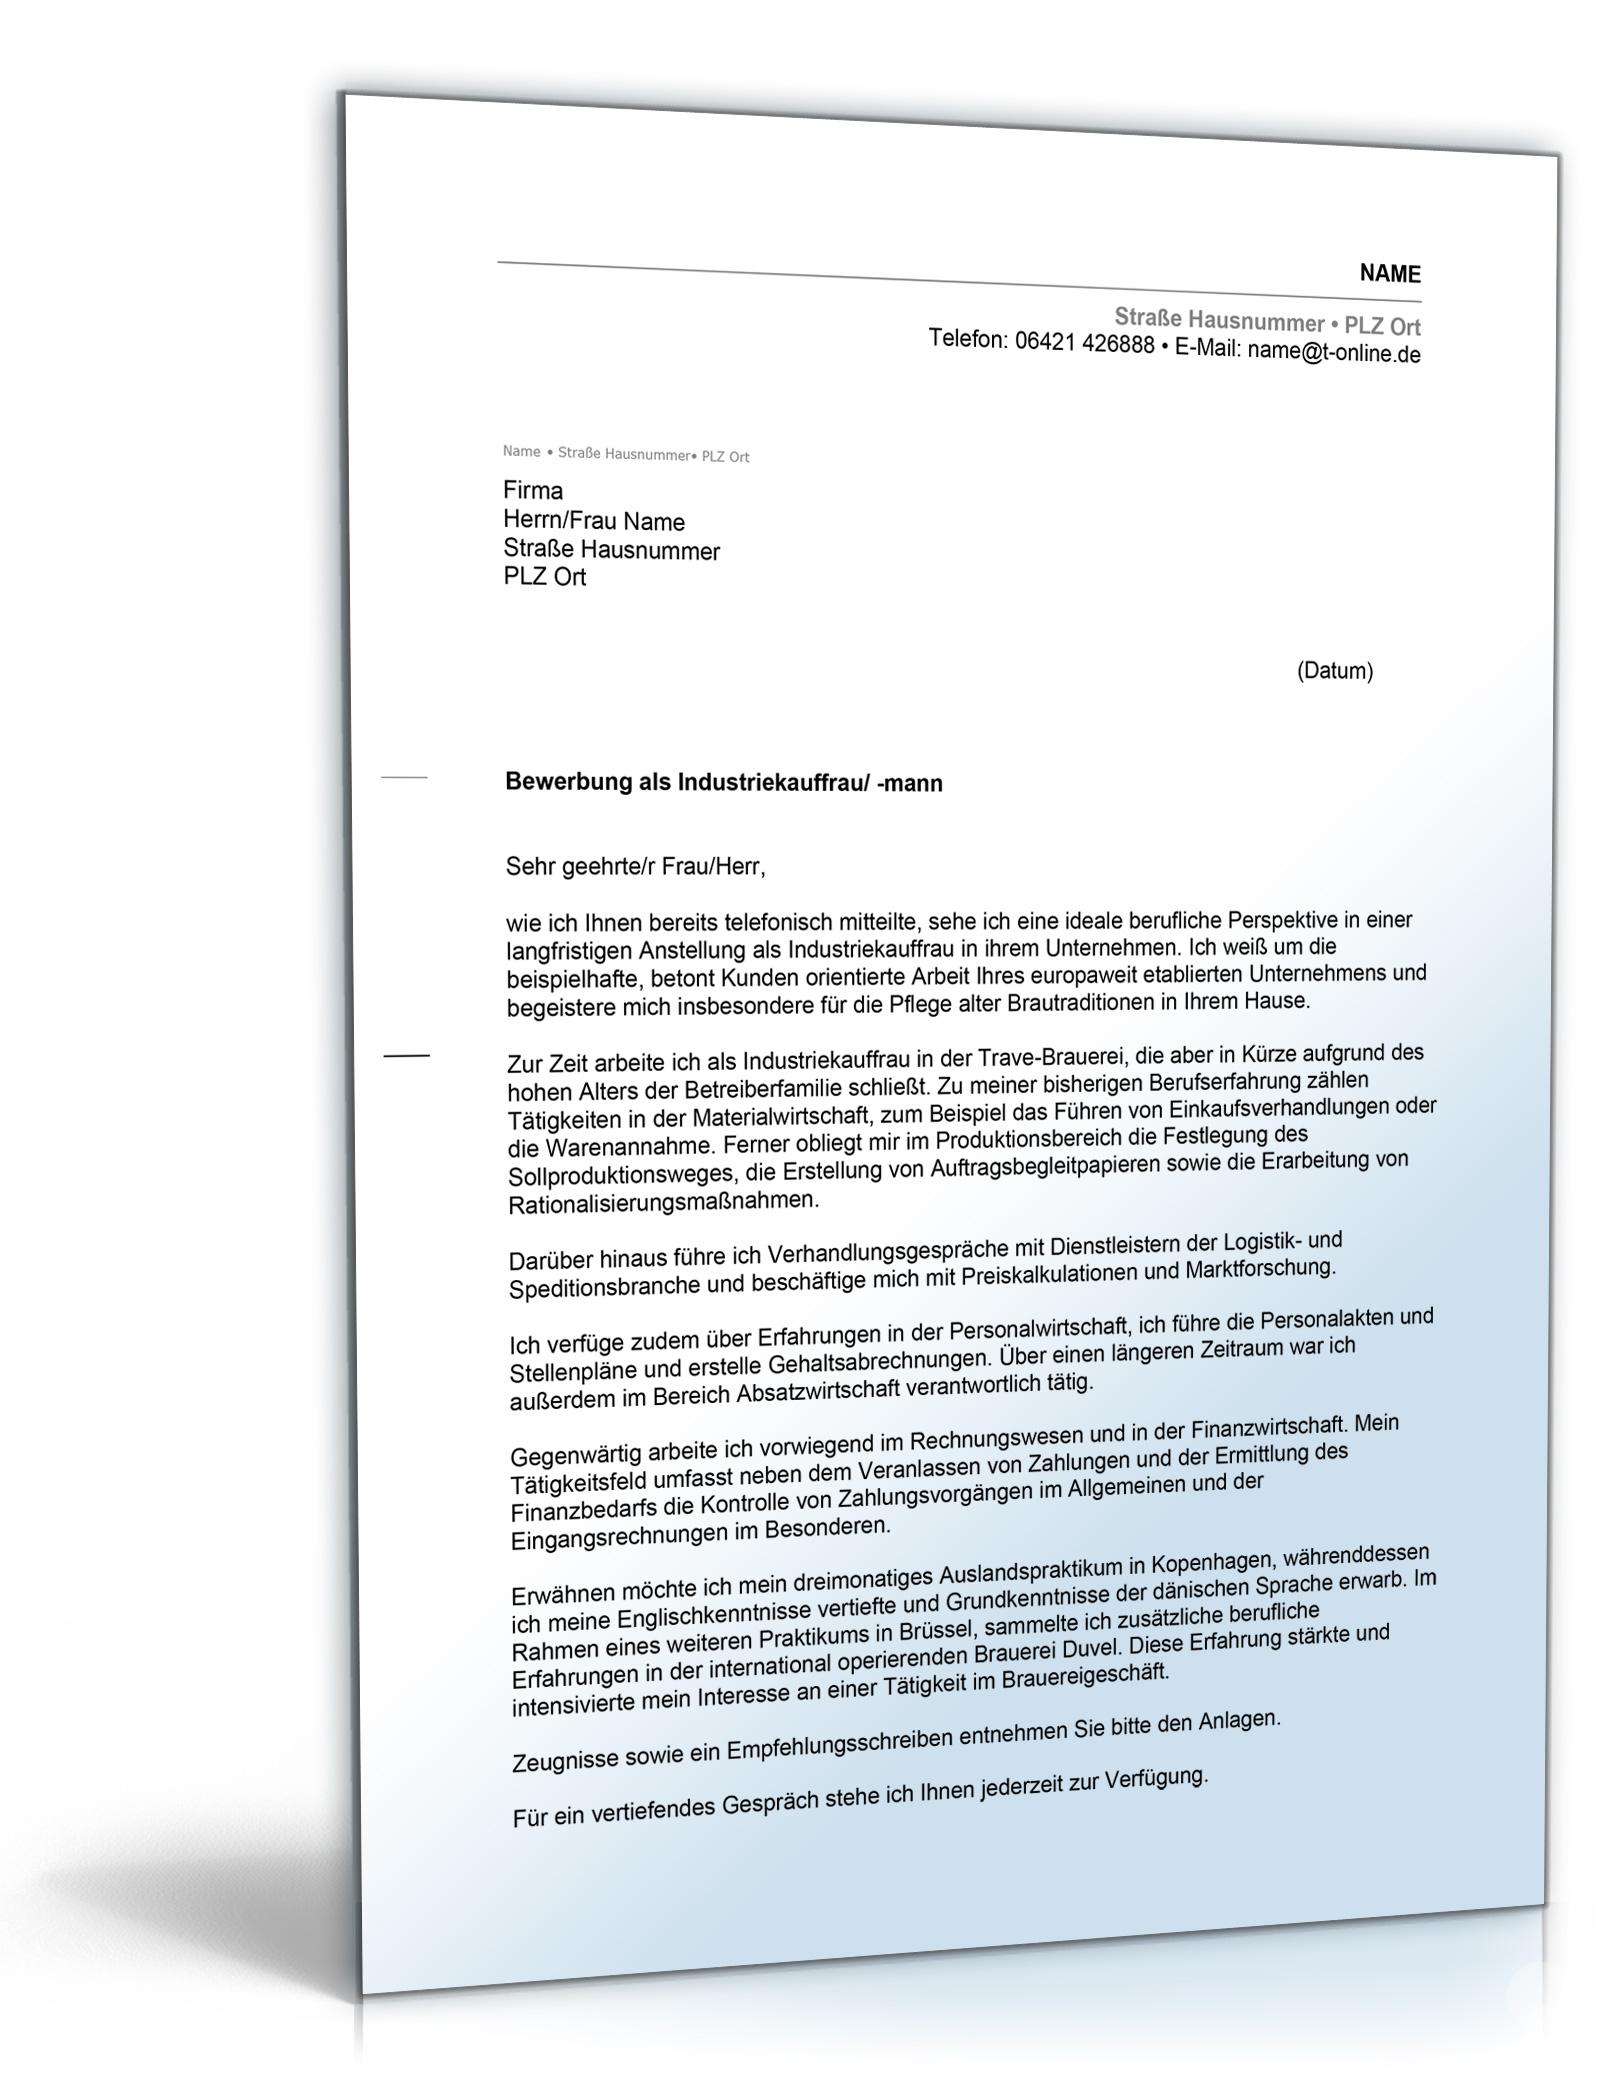 anschreiben bewerbung industriekauffrau mann dnisches bettenlager - Danisches Bettenlager Bewerbung